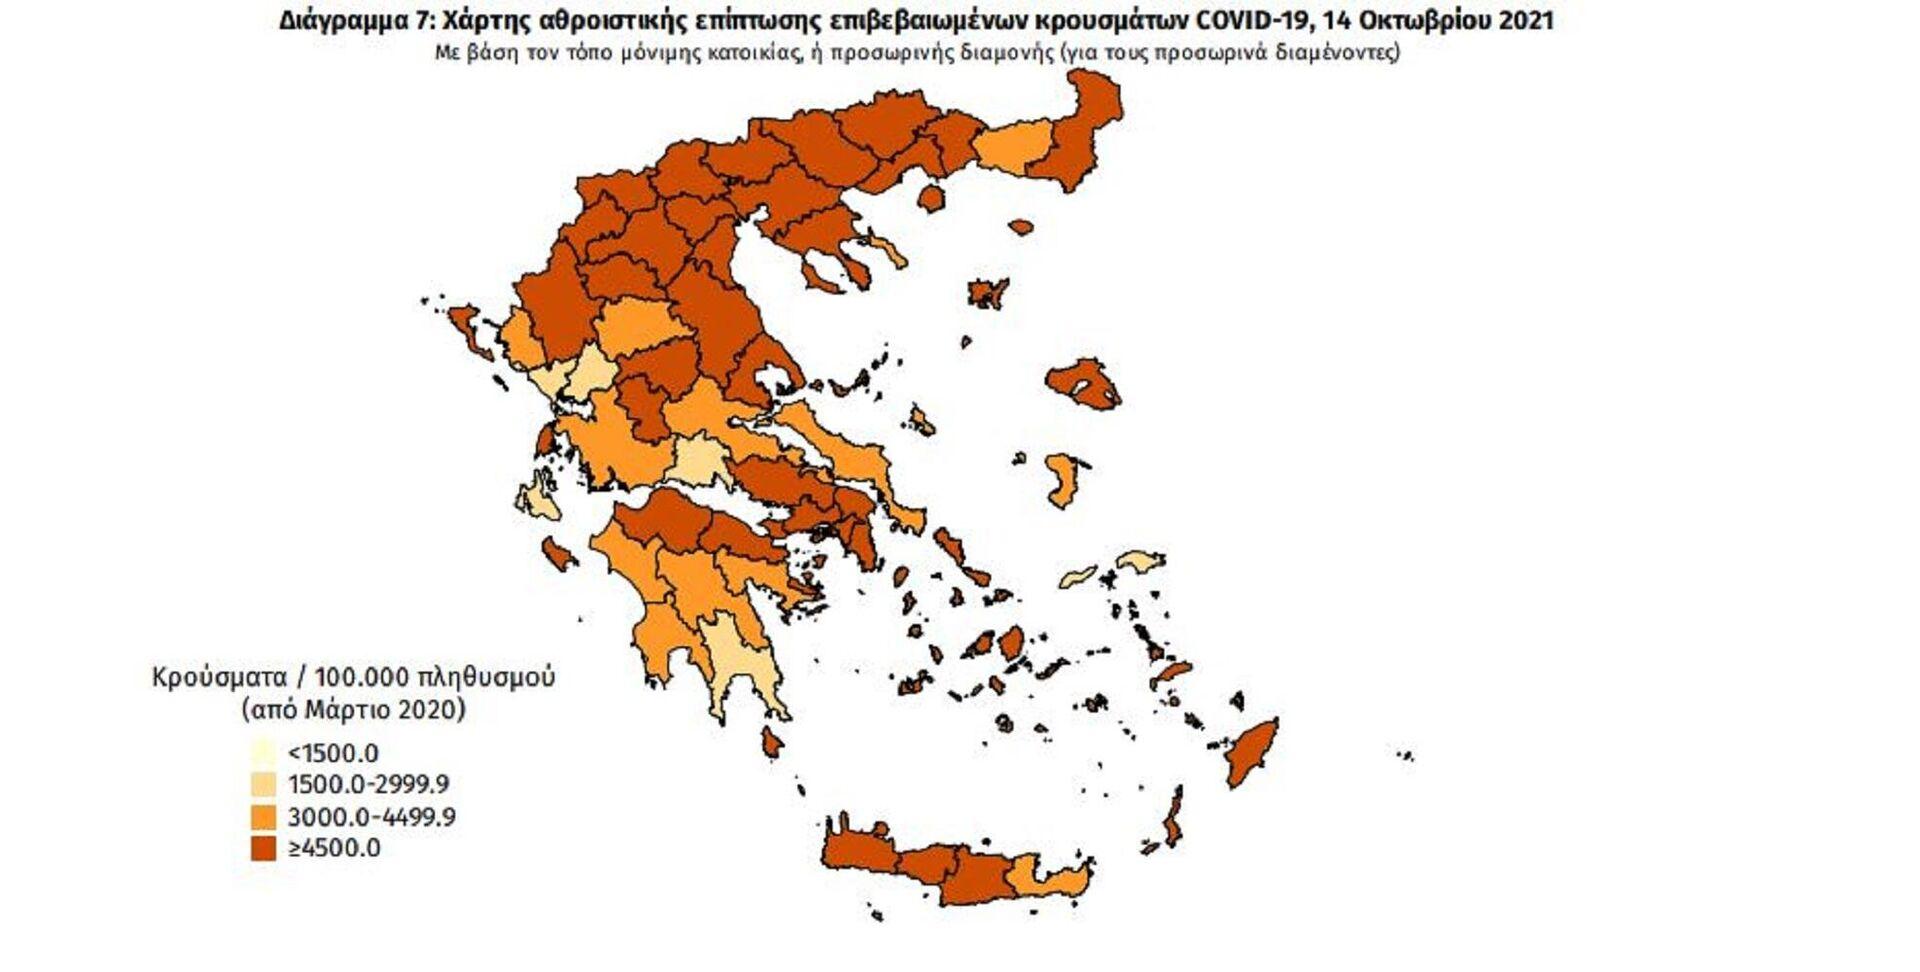 Χάρτης αθροιστικής επίπτωσης επιβεβαιωμένων κρουσμάτων COVID-19, 14 Οκτωβρίου 2021 - Sputnik Ελλάδα, 1920, 14.10.2021